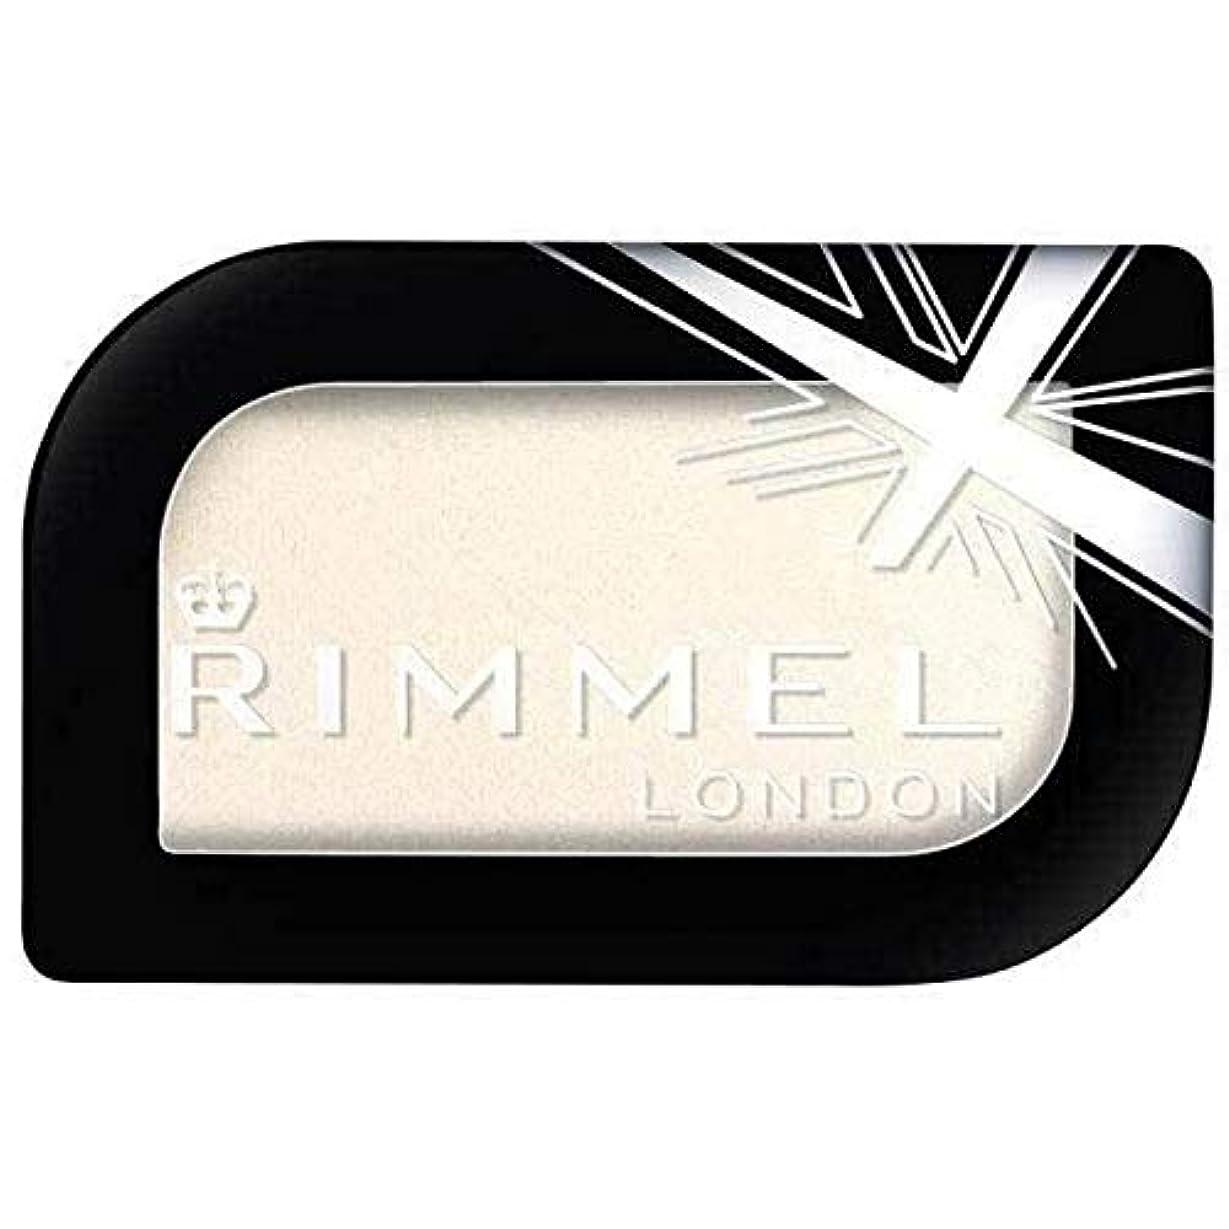 ホイップ実り多い精巧な[Rimmel ] リンメルロンドンは、モノアイシャドウQジャンプ5.2グラムをGlam'Eyes - Rimmel London Glam'eyes Mono Eyeshadow Q Jump 5.2g [並行輸入品]